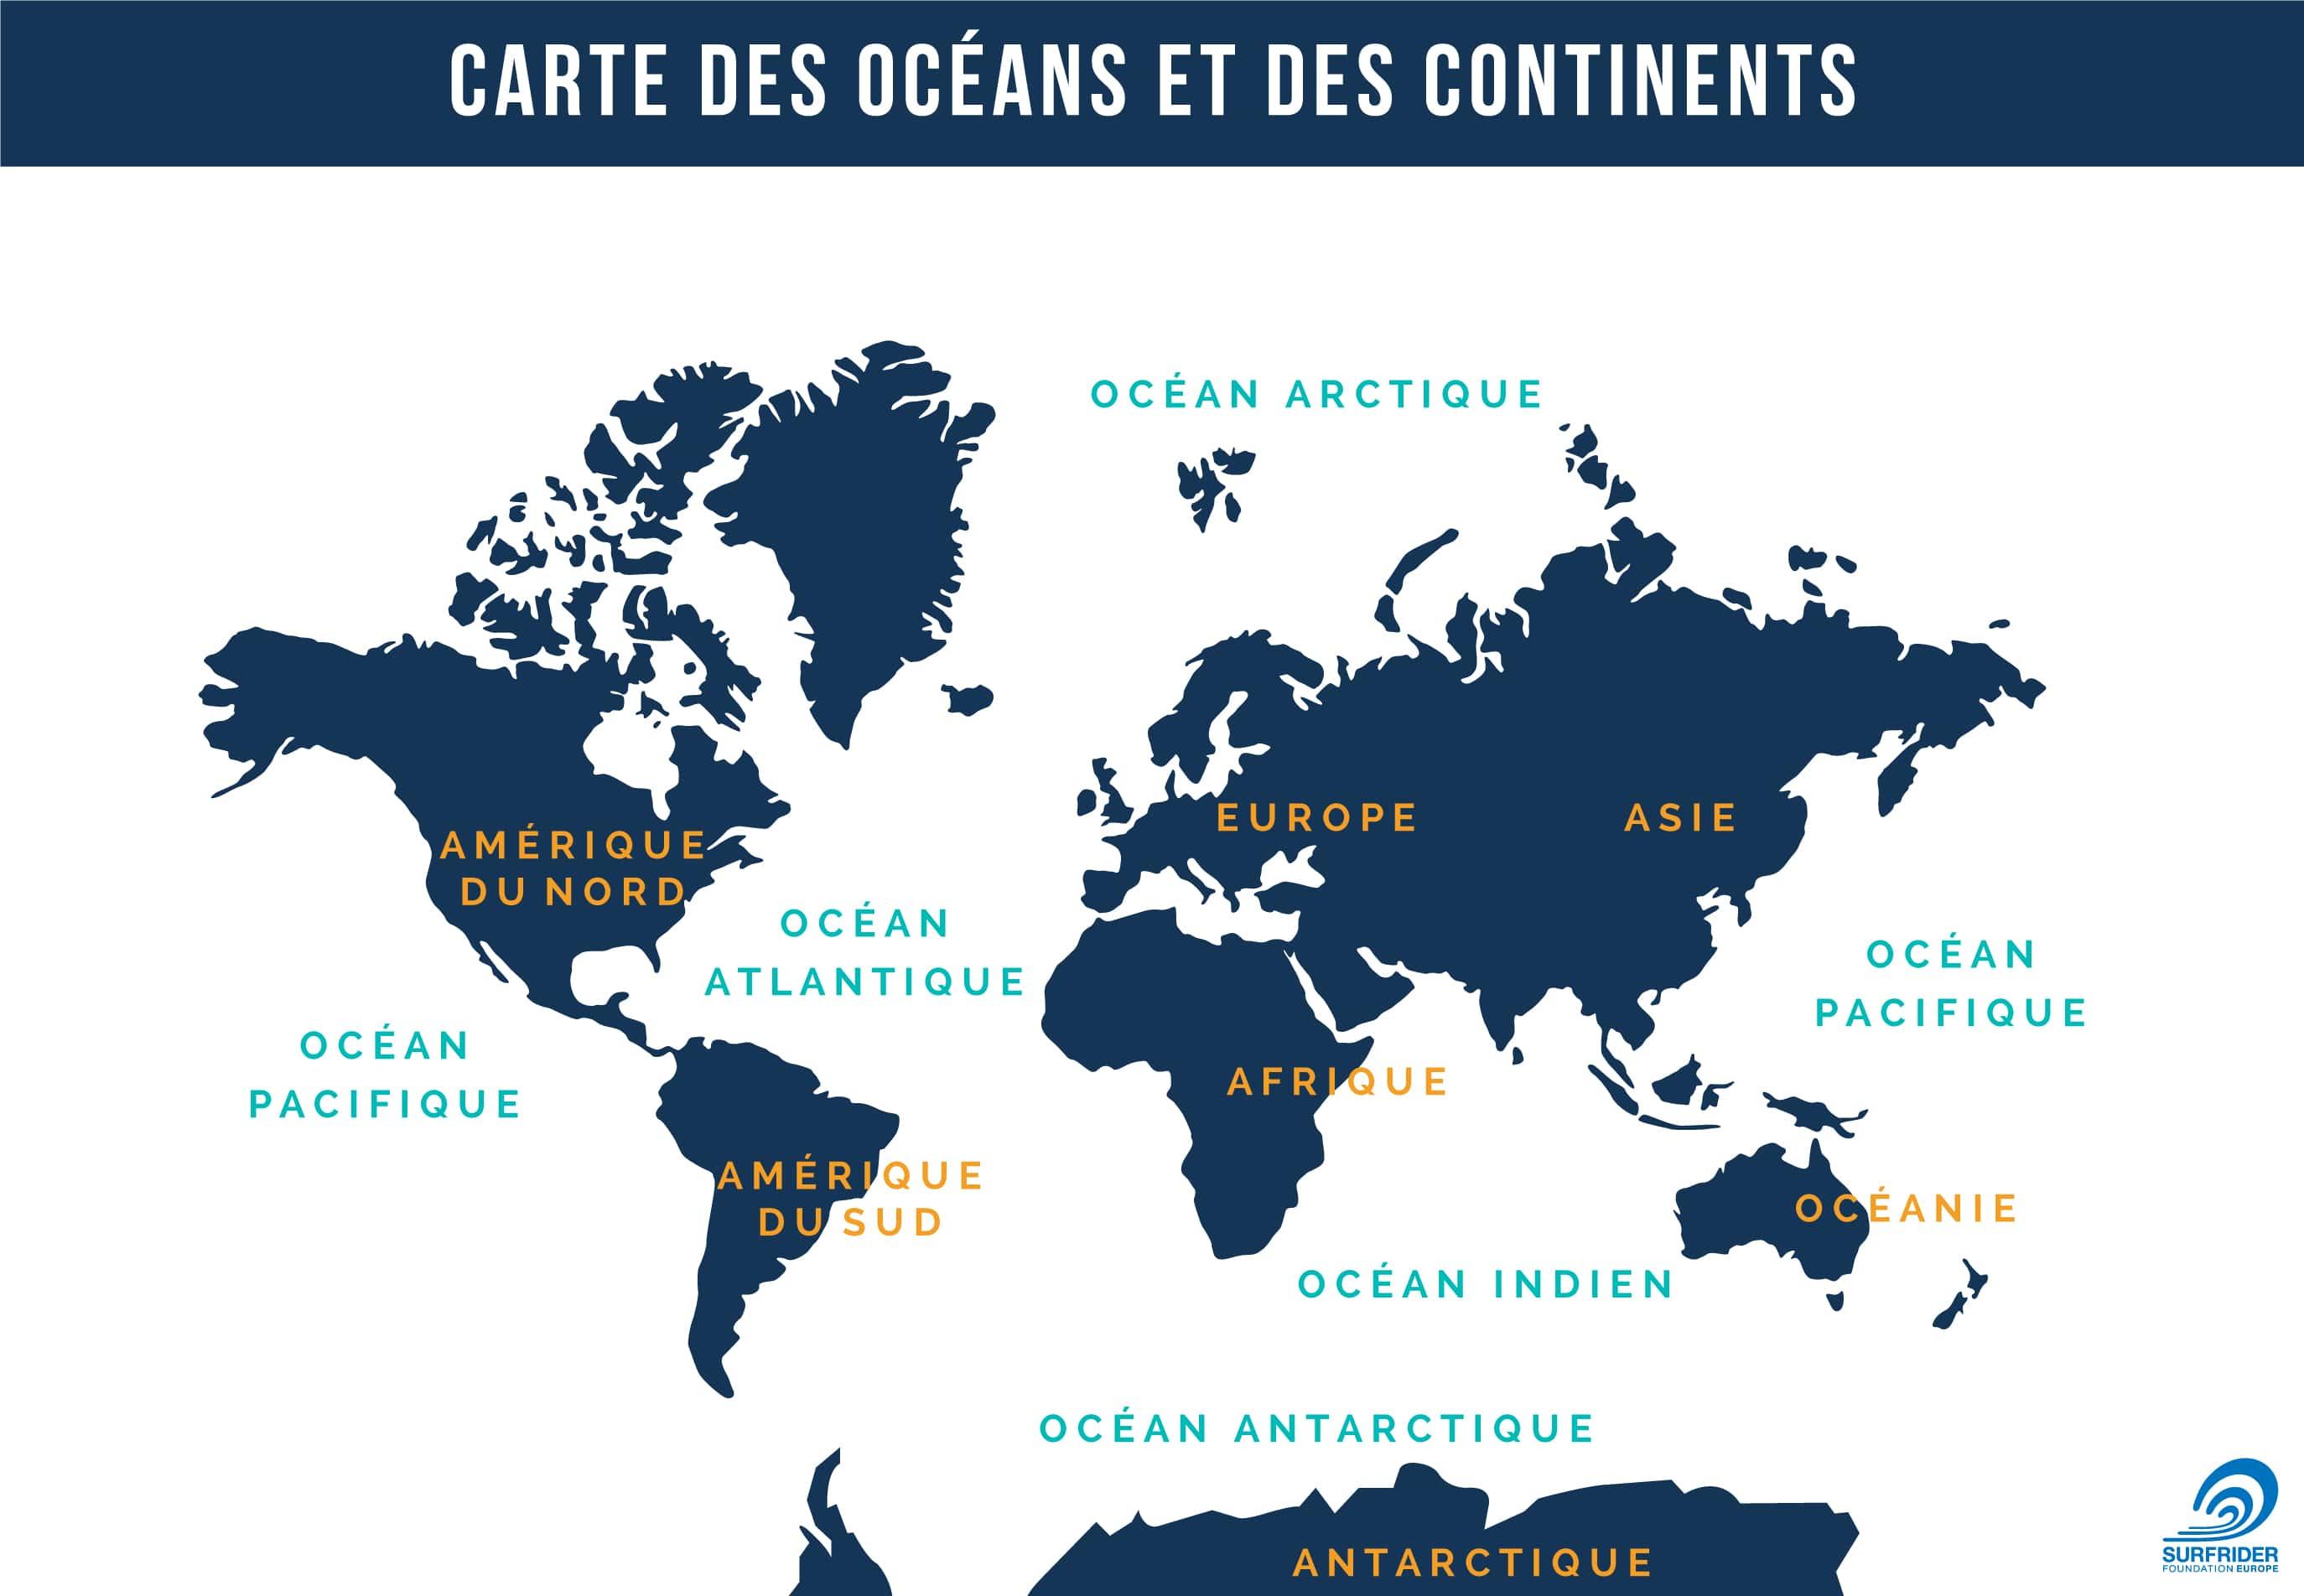 carte des oceans classique